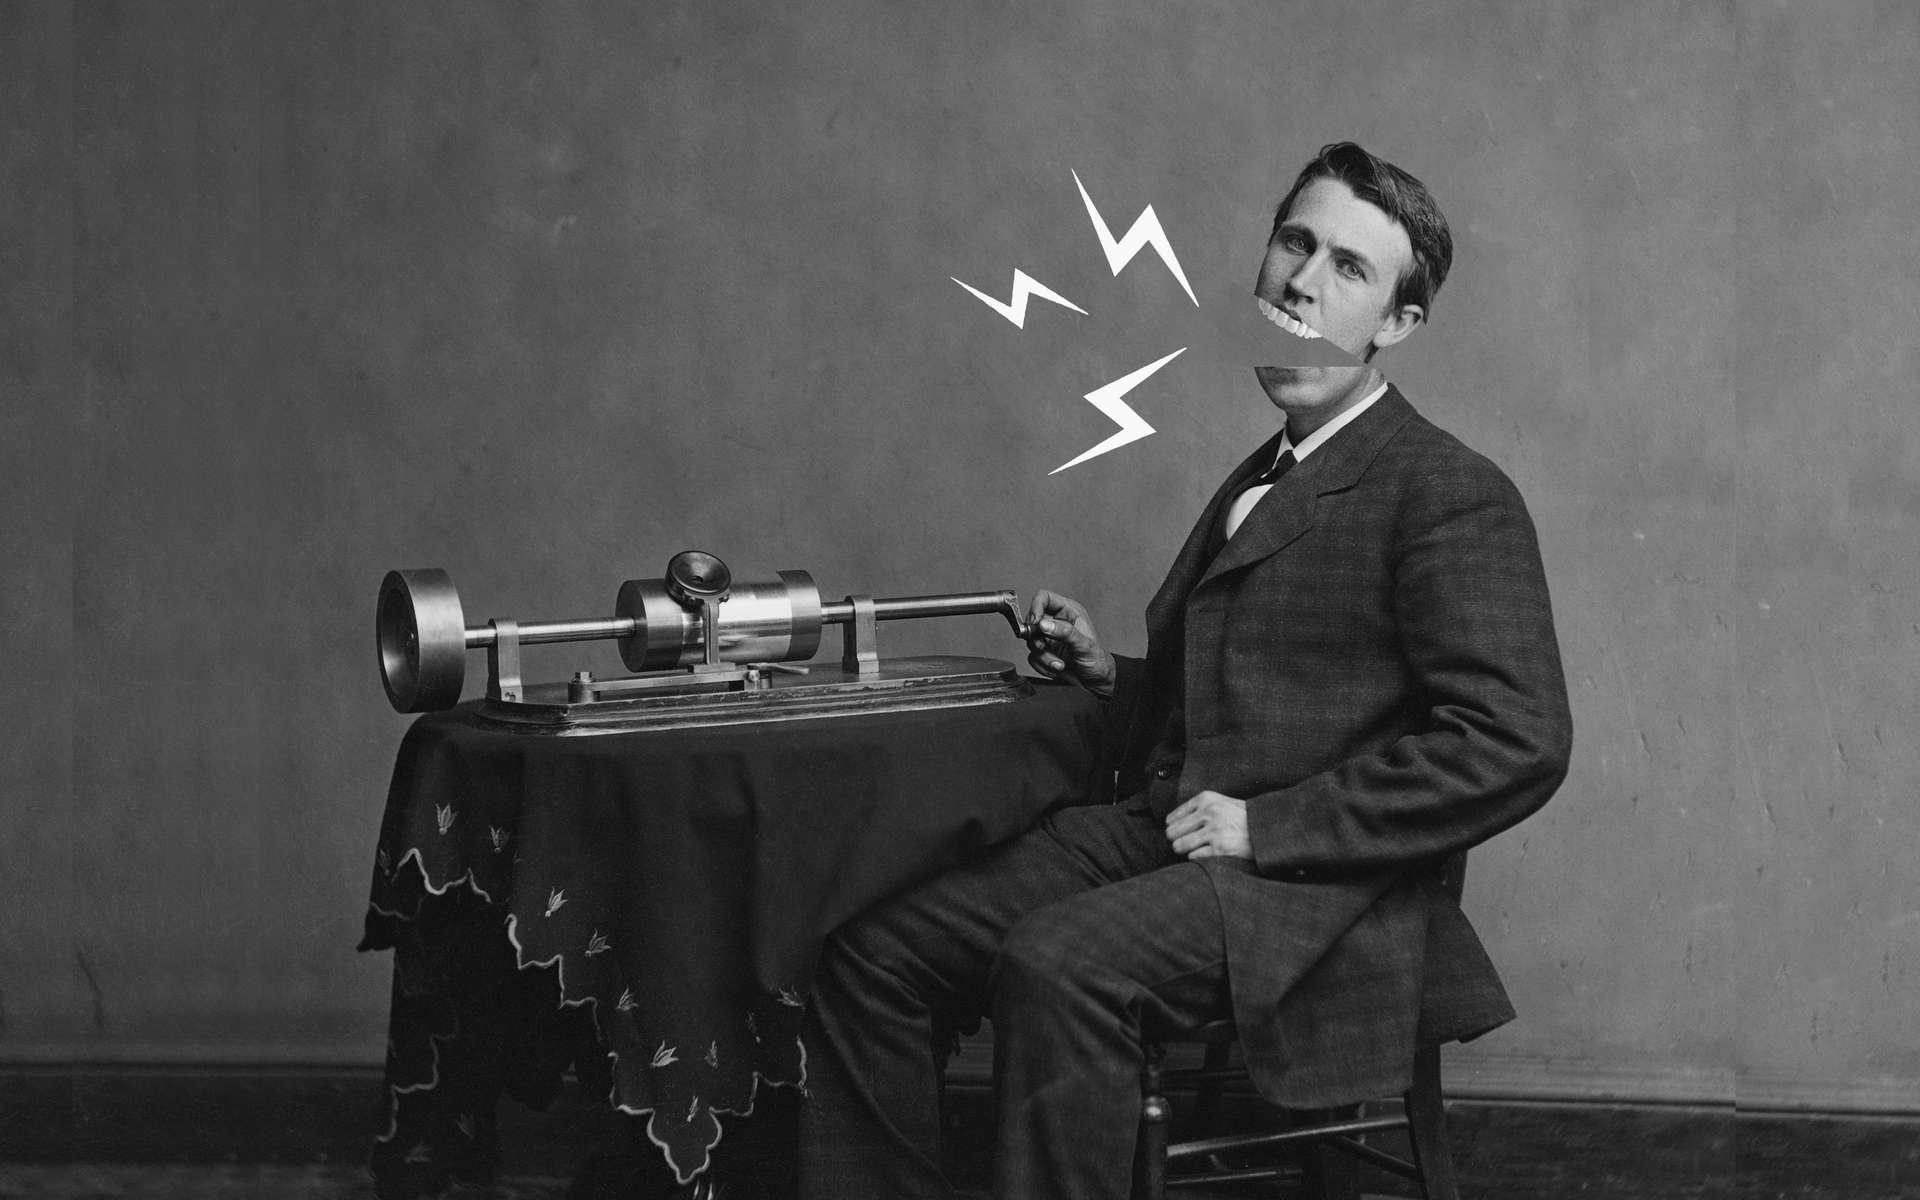 Pourquoi Edison mordait-il le bord de son phonographe ? © Levin C. Handy, Emma Hollen